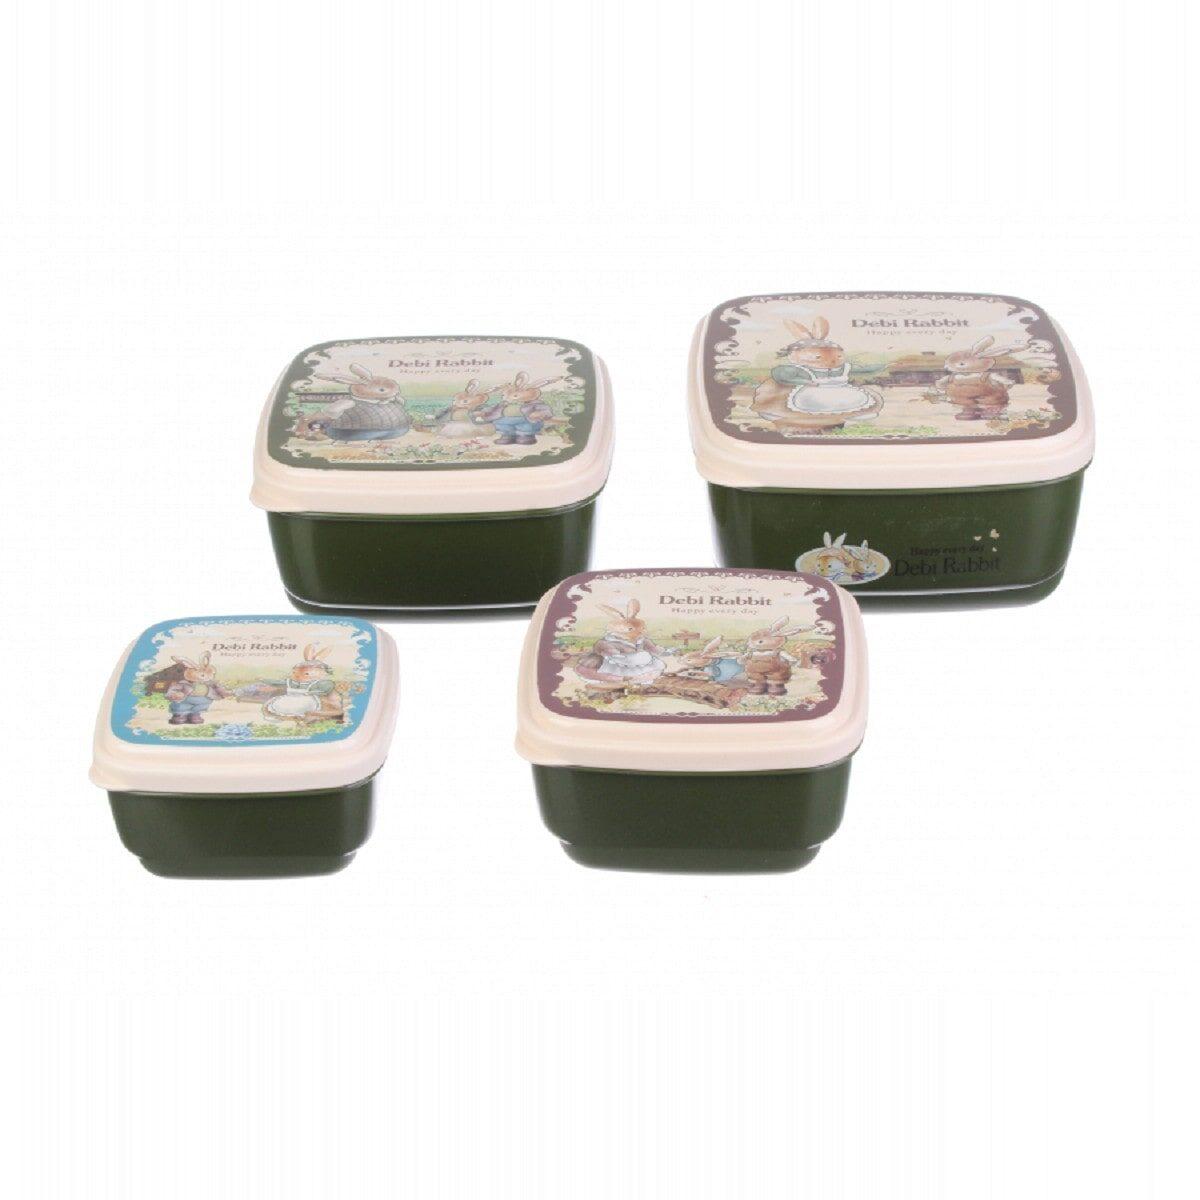 Комплект квадратних боксів Debi Rabbit (4 шт.), зелений